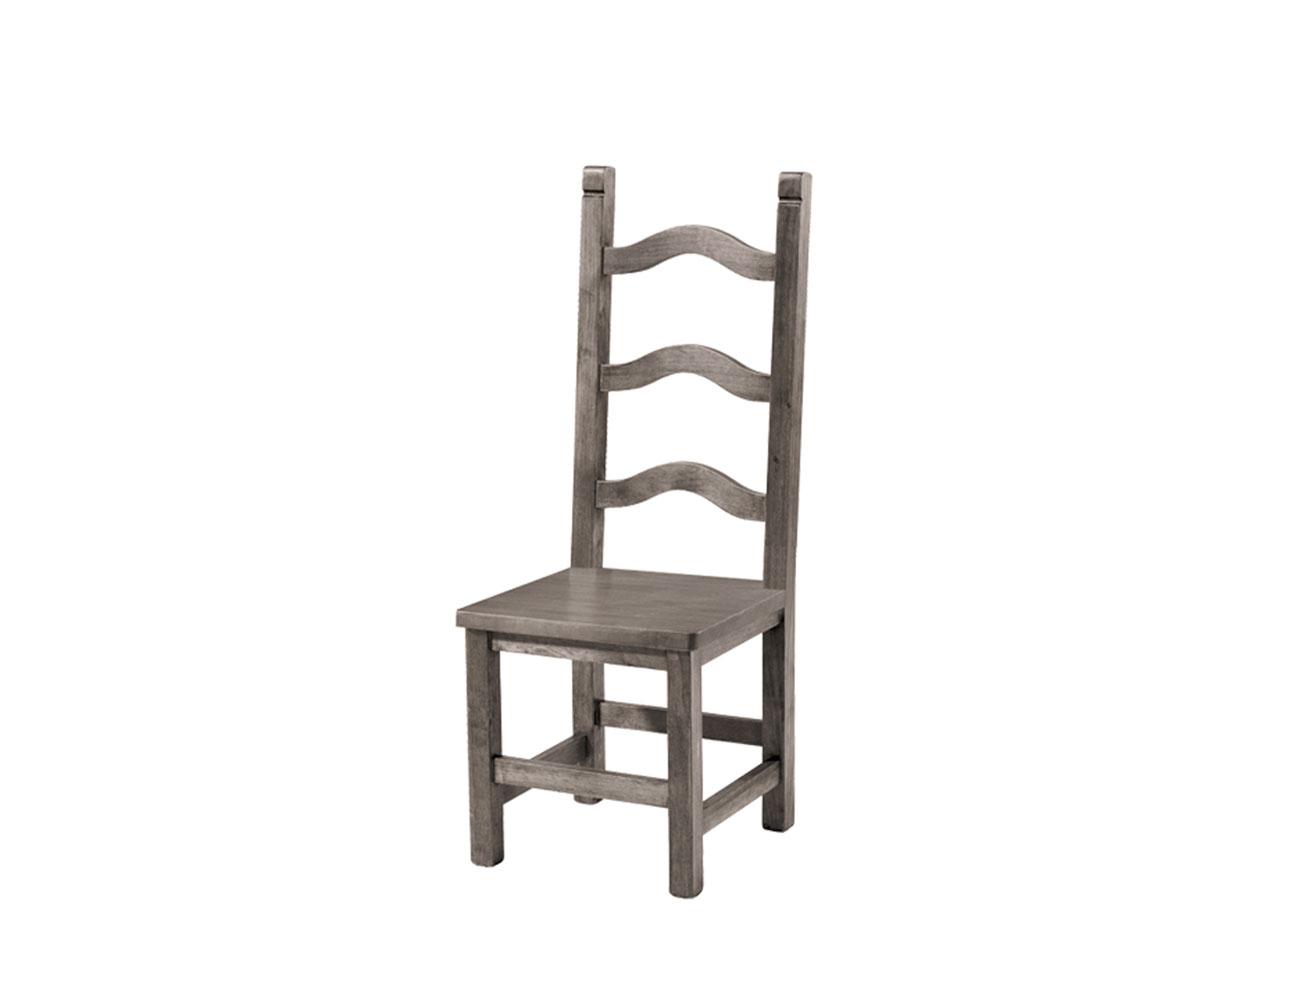 2410102 silla cancun alta asiento madera